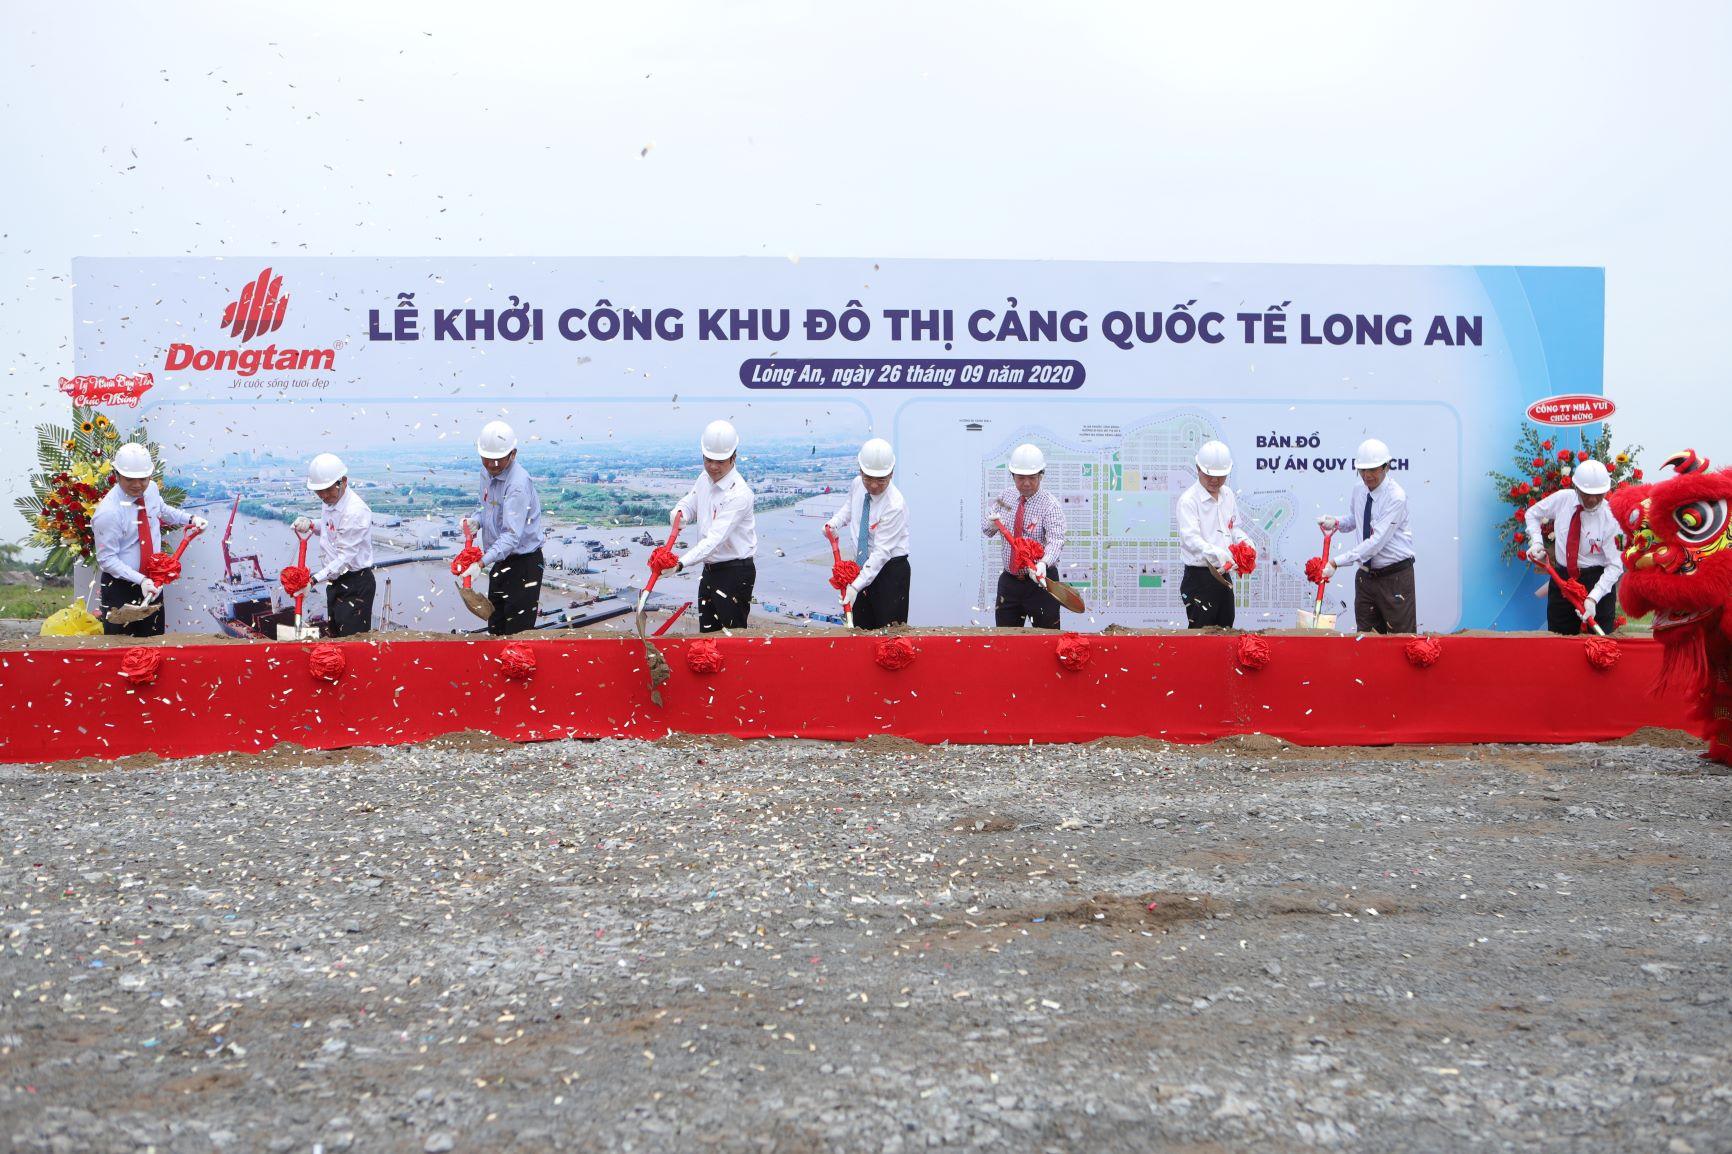 Đồng Tâm Group khánh thành giai đoạn 1 và khởi công giai đoạn 2 - Cảng Quốc tế Long An 1